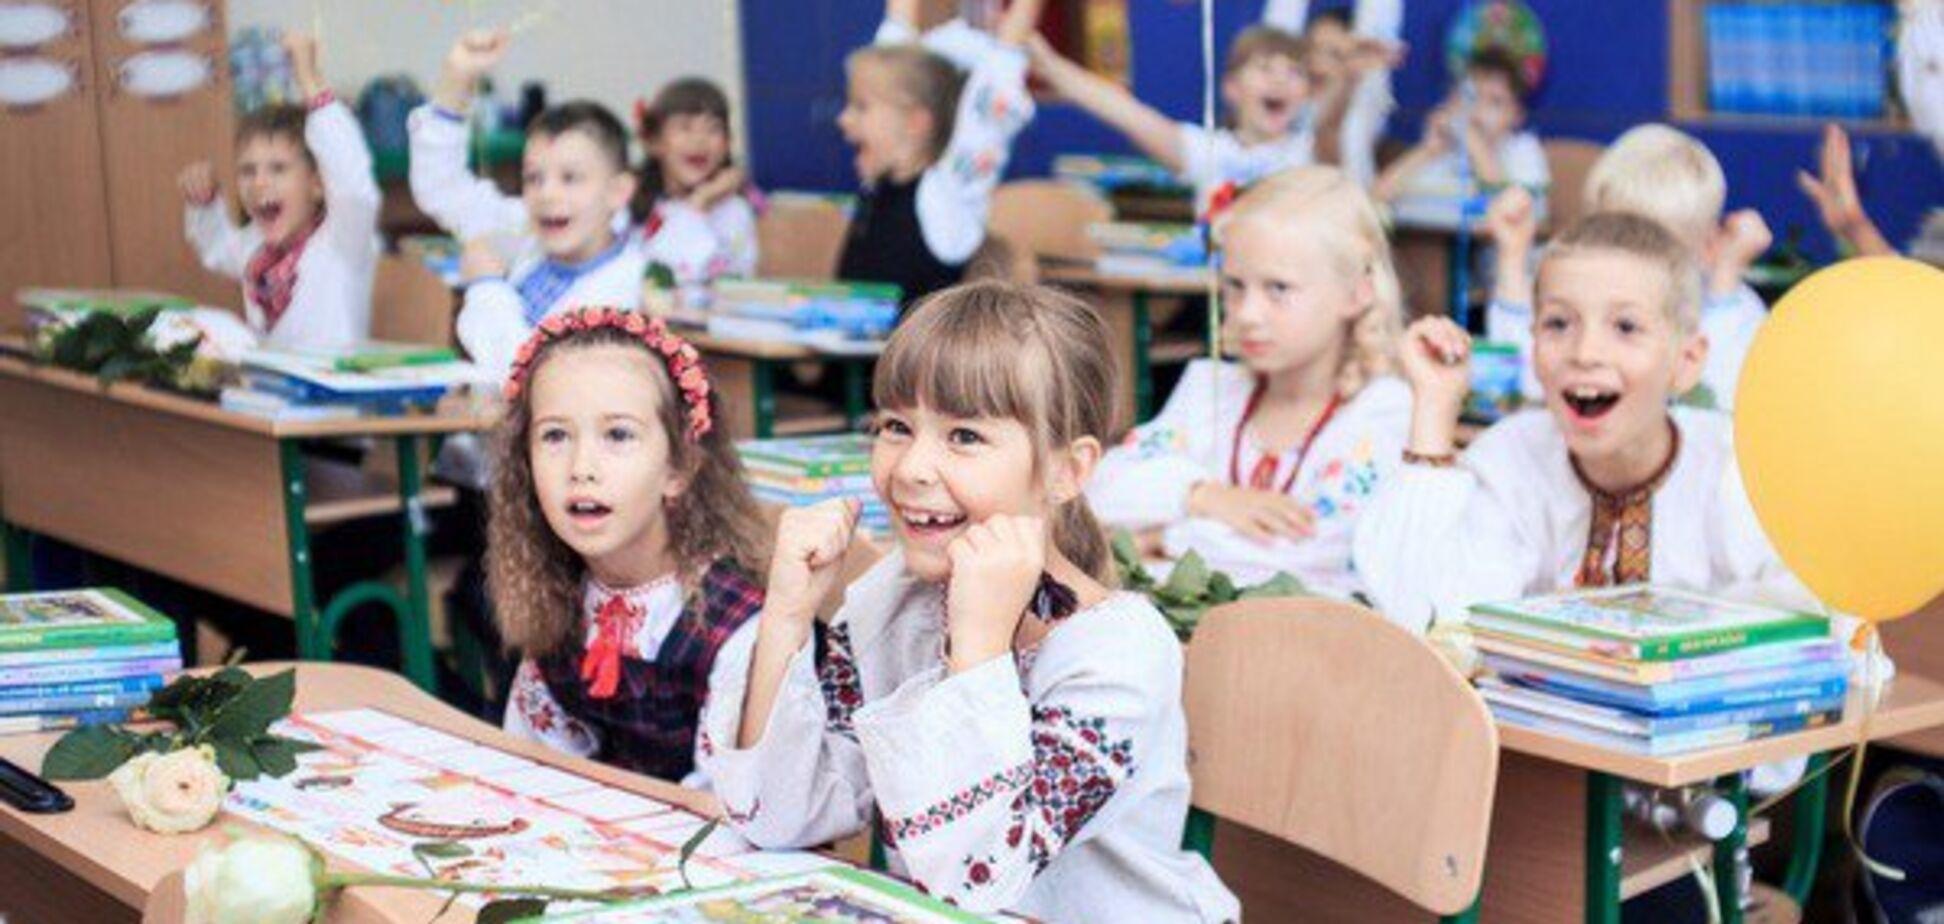 'А мы любим Украину!' Ницой поделилась трогательной историей о школьниках